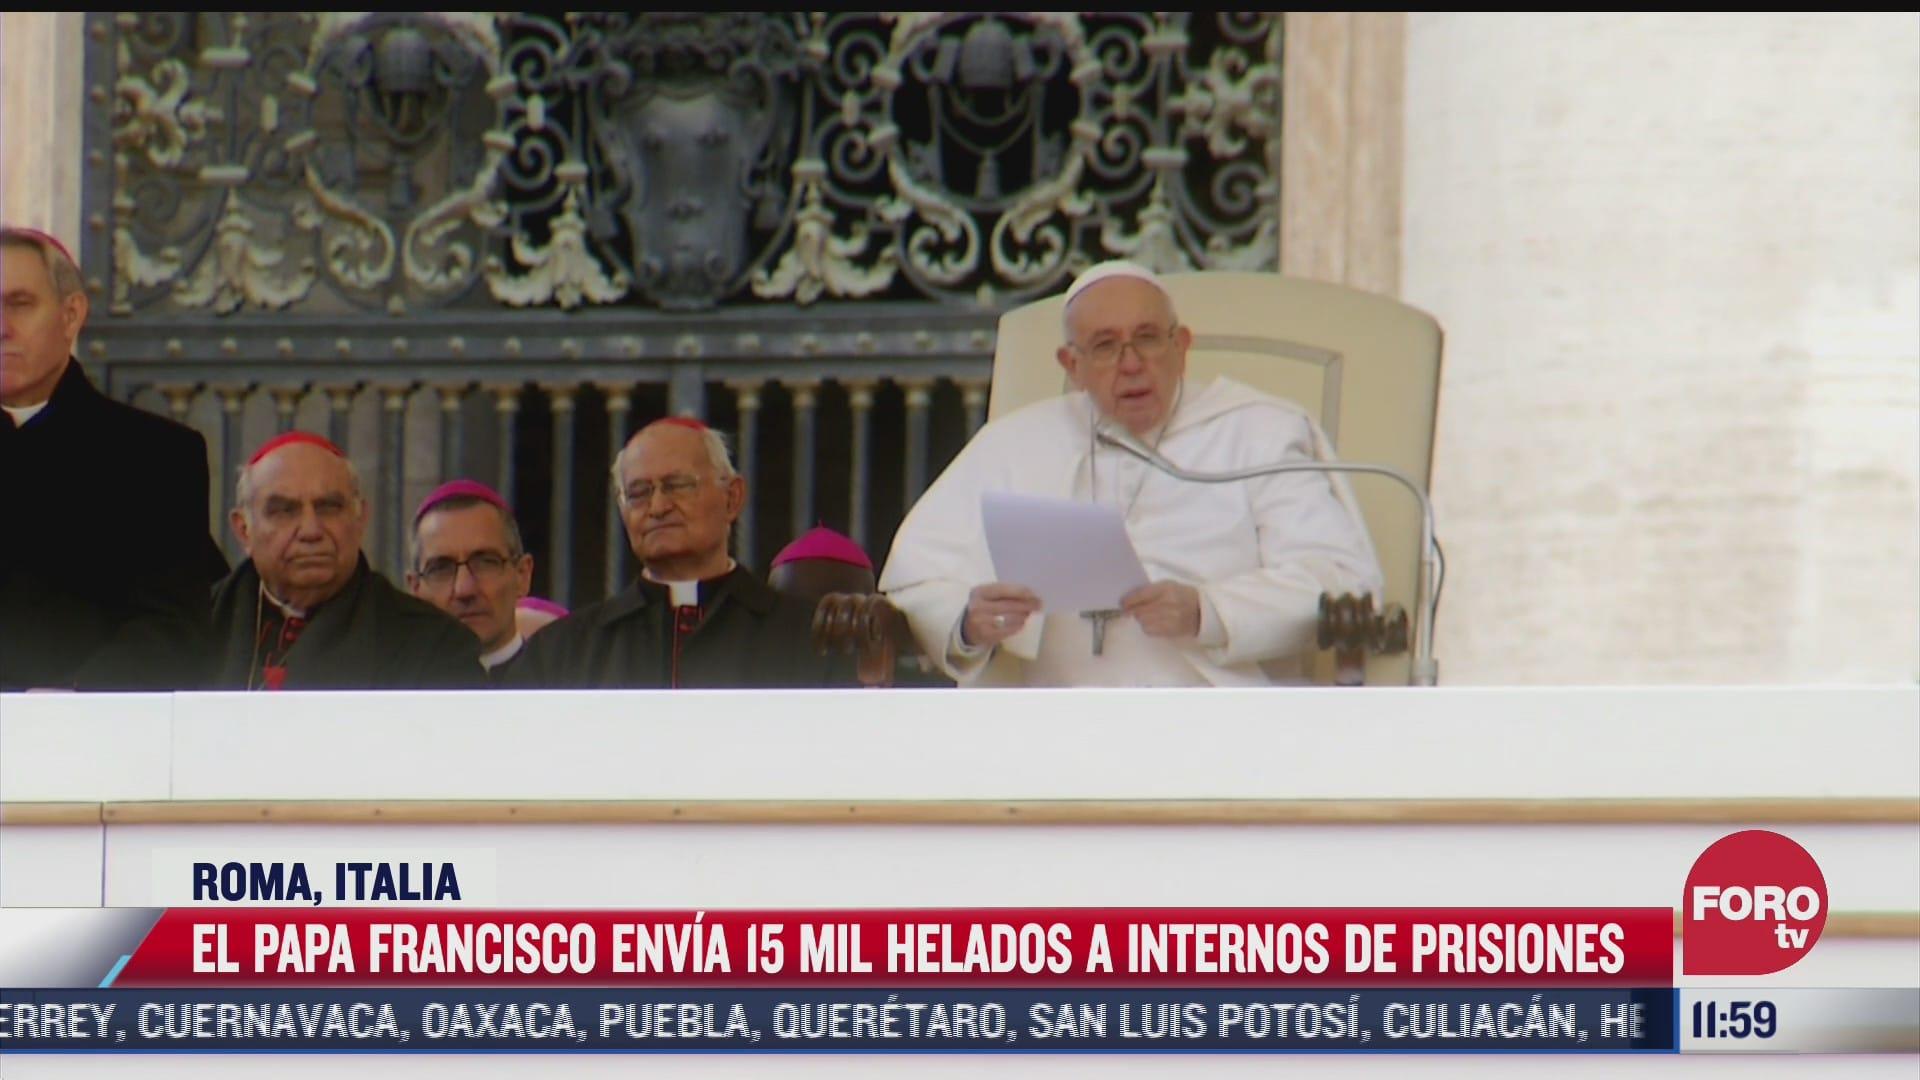 papa francisco envia 15 mil helados a internos de prisiones